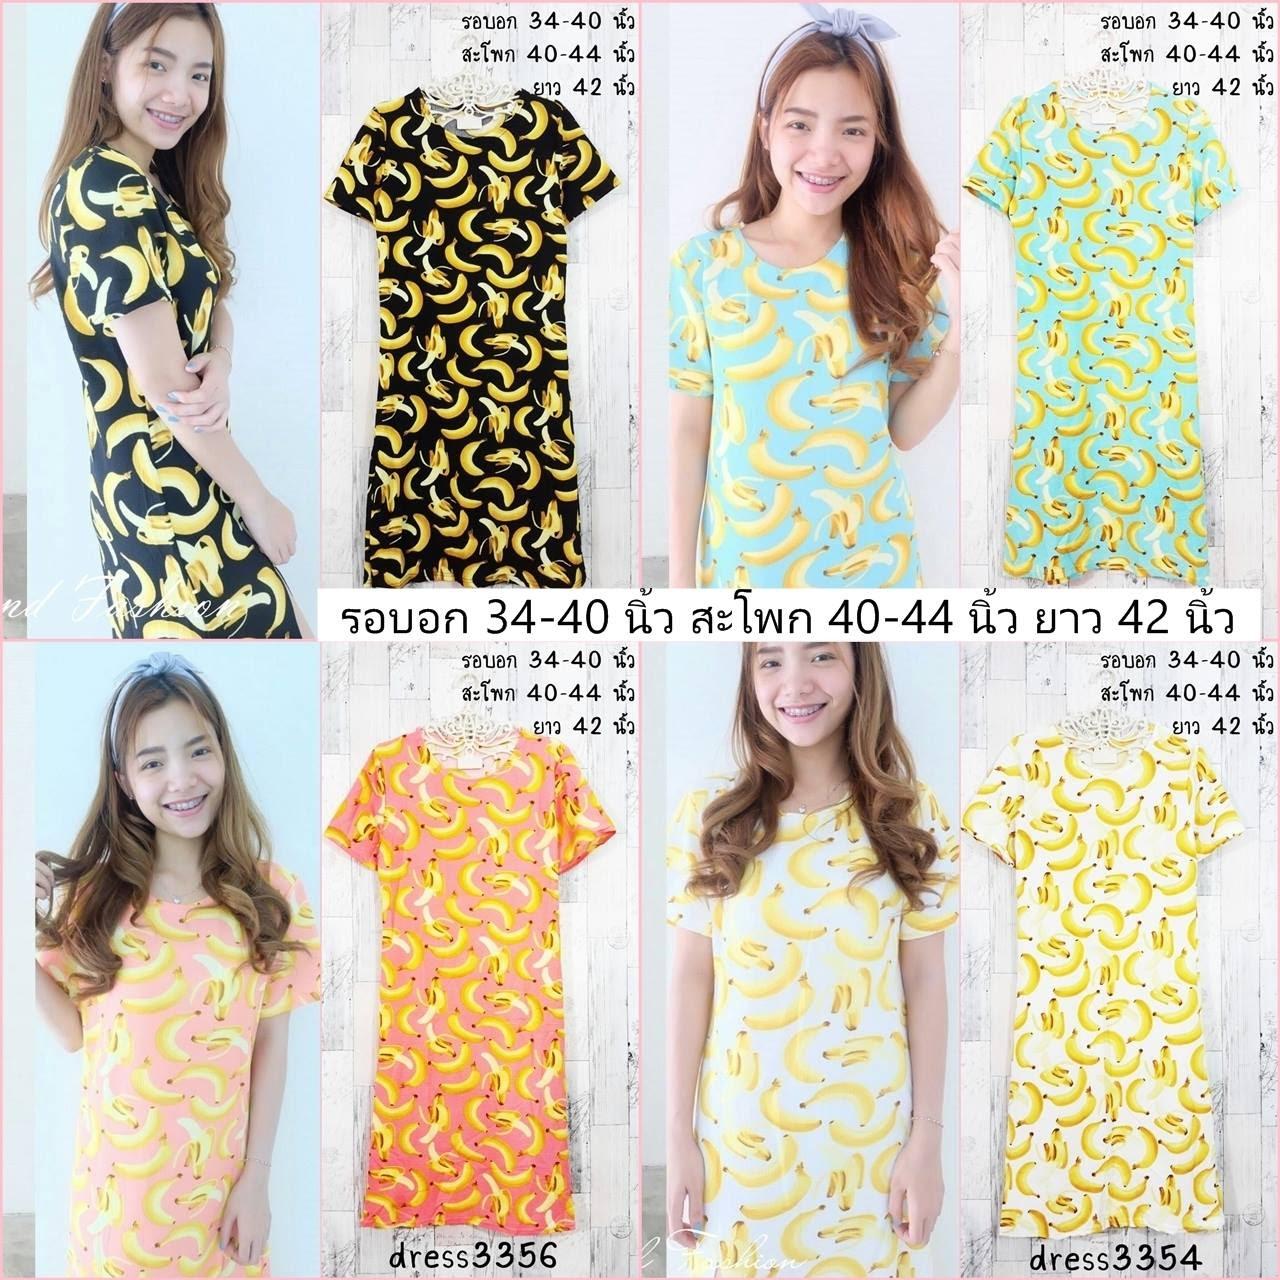 Dress3353-3356 Maxi Dress ชุดเดรสยาวทรงสวยลายกล้วย ผ้าเนื้อดีนุ่มยืดขยายได้เยอะ งานน่ารักผ้านุ่มใส่สบาย **งานเหลือ 3 สี ขาว ฟ้า ชมพู